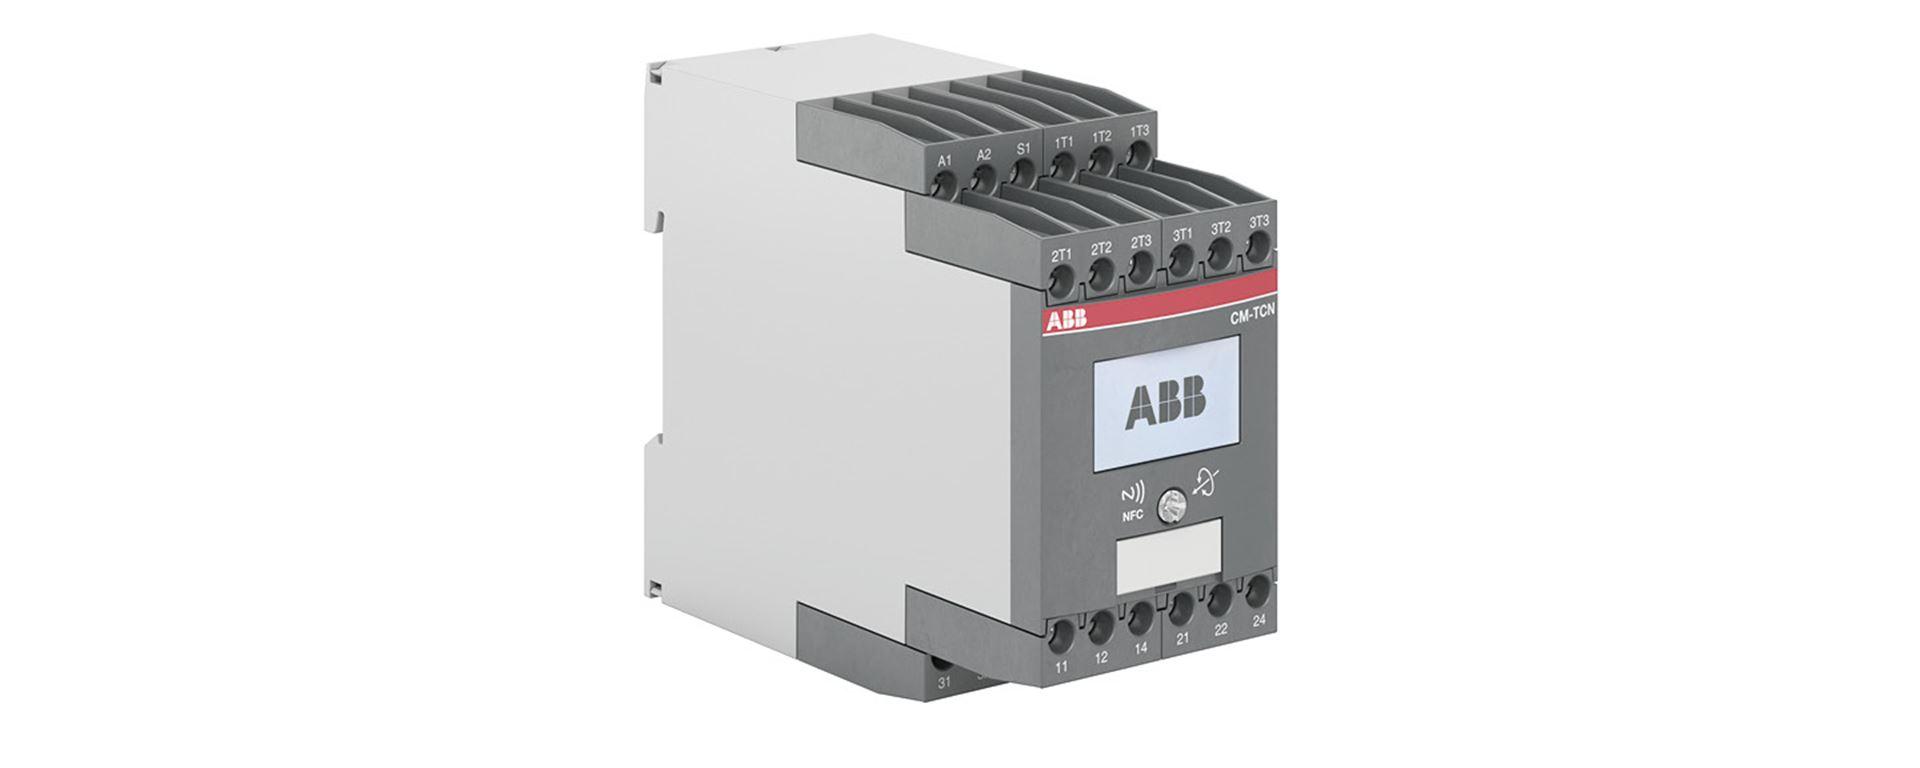 Intelligent temperature monitoring relays